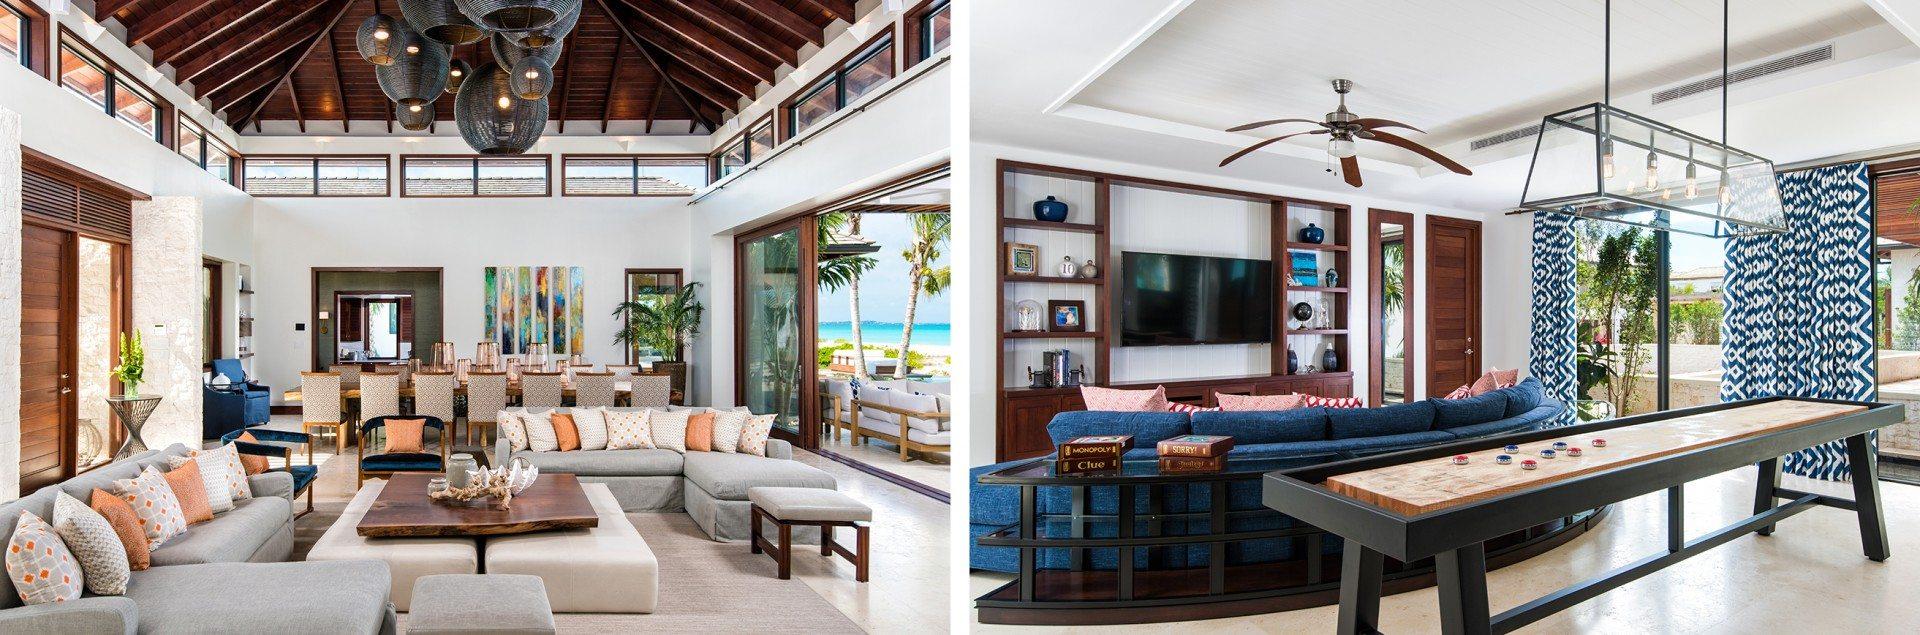 hawksbill living rooms